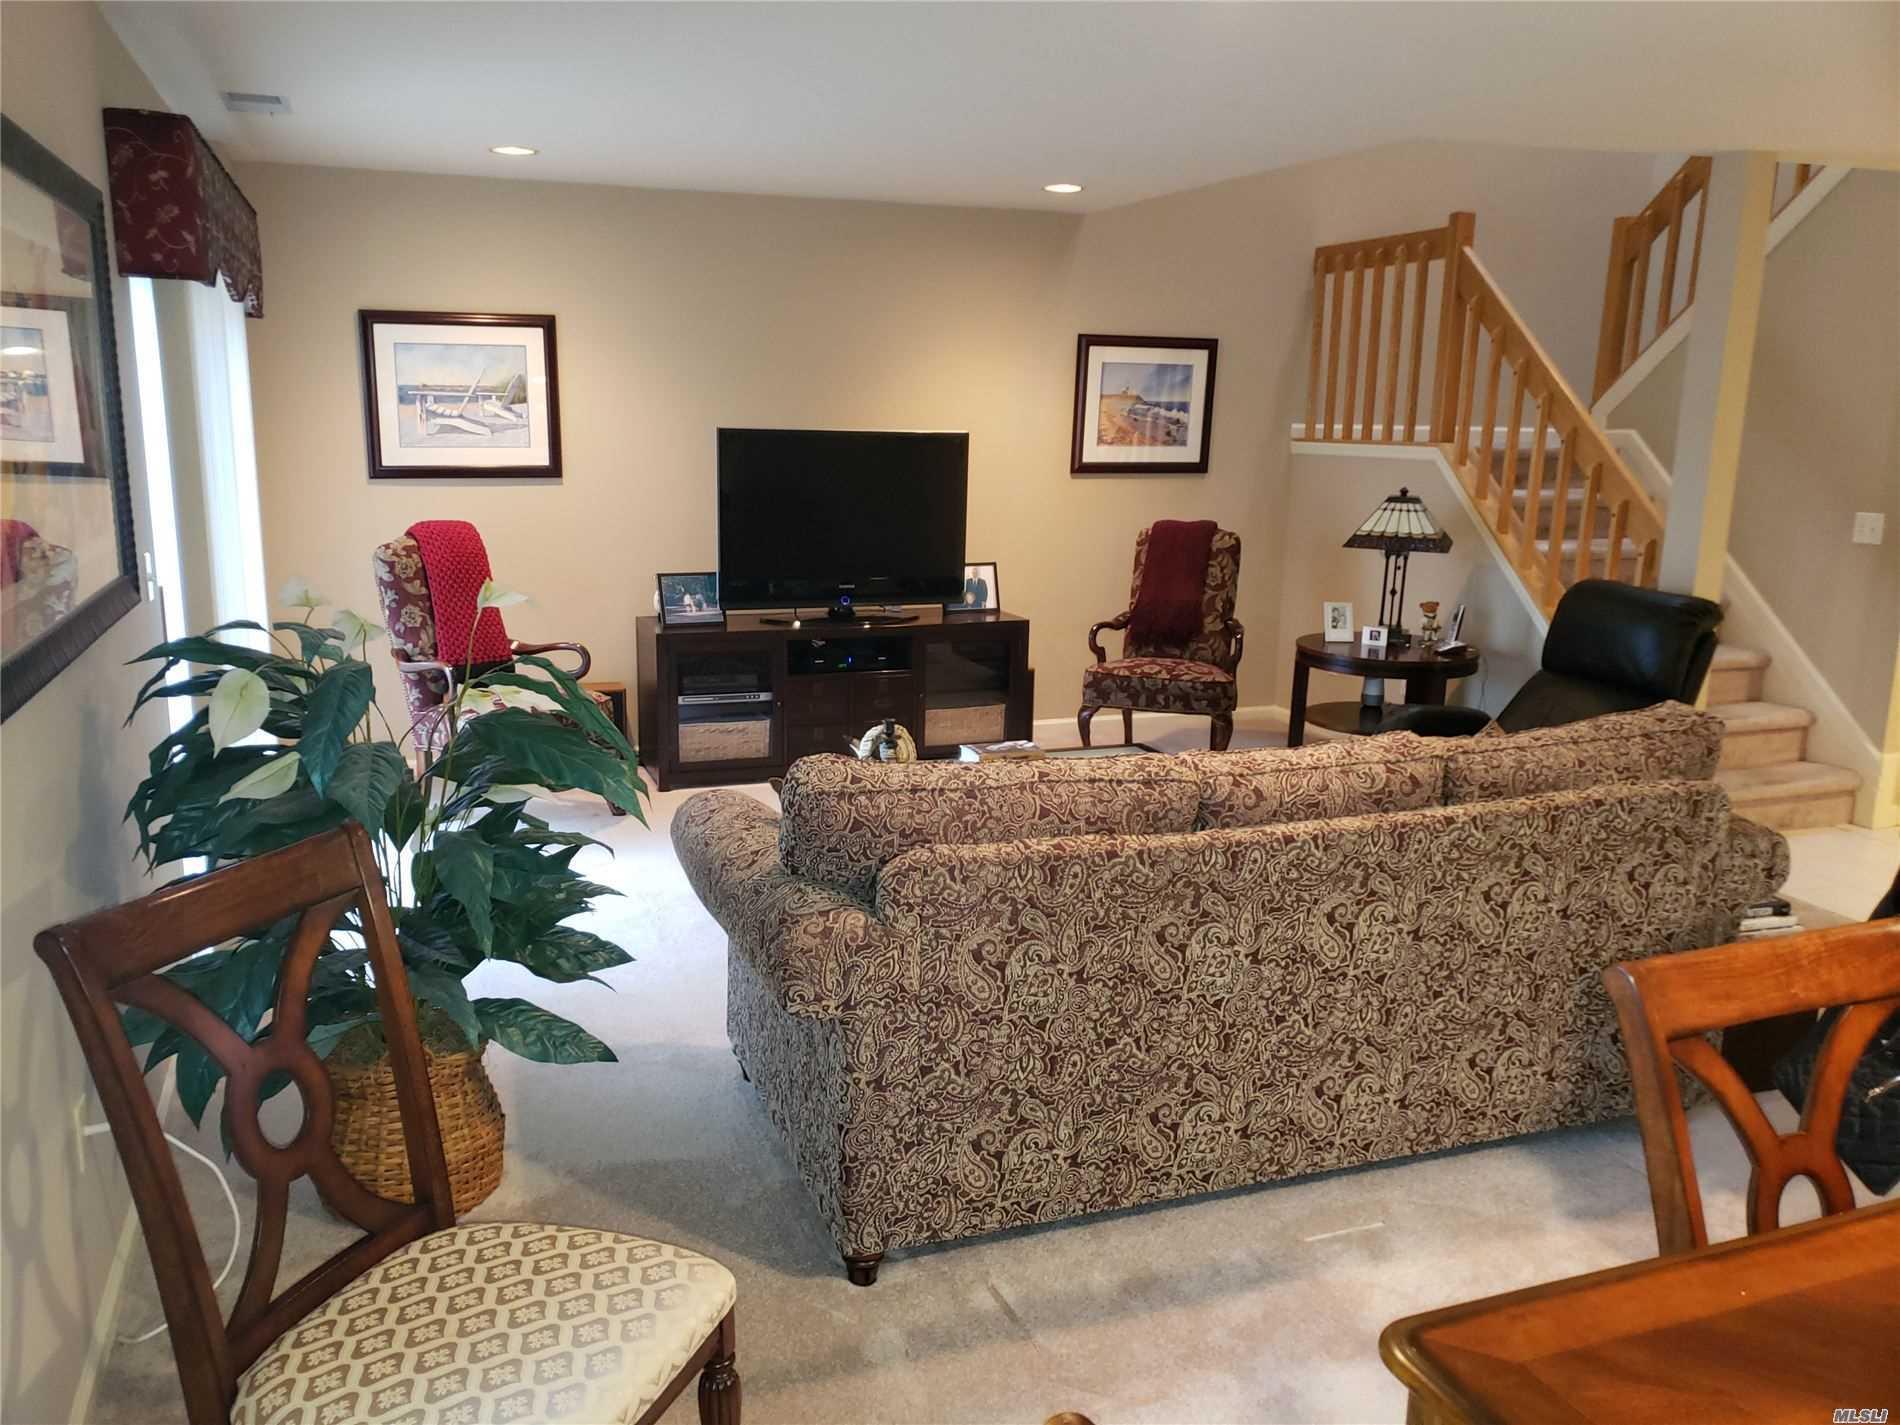 Property for sale at 292 Pond View Lane, Smithtown NY 11787, Smithtown,  New York 11787